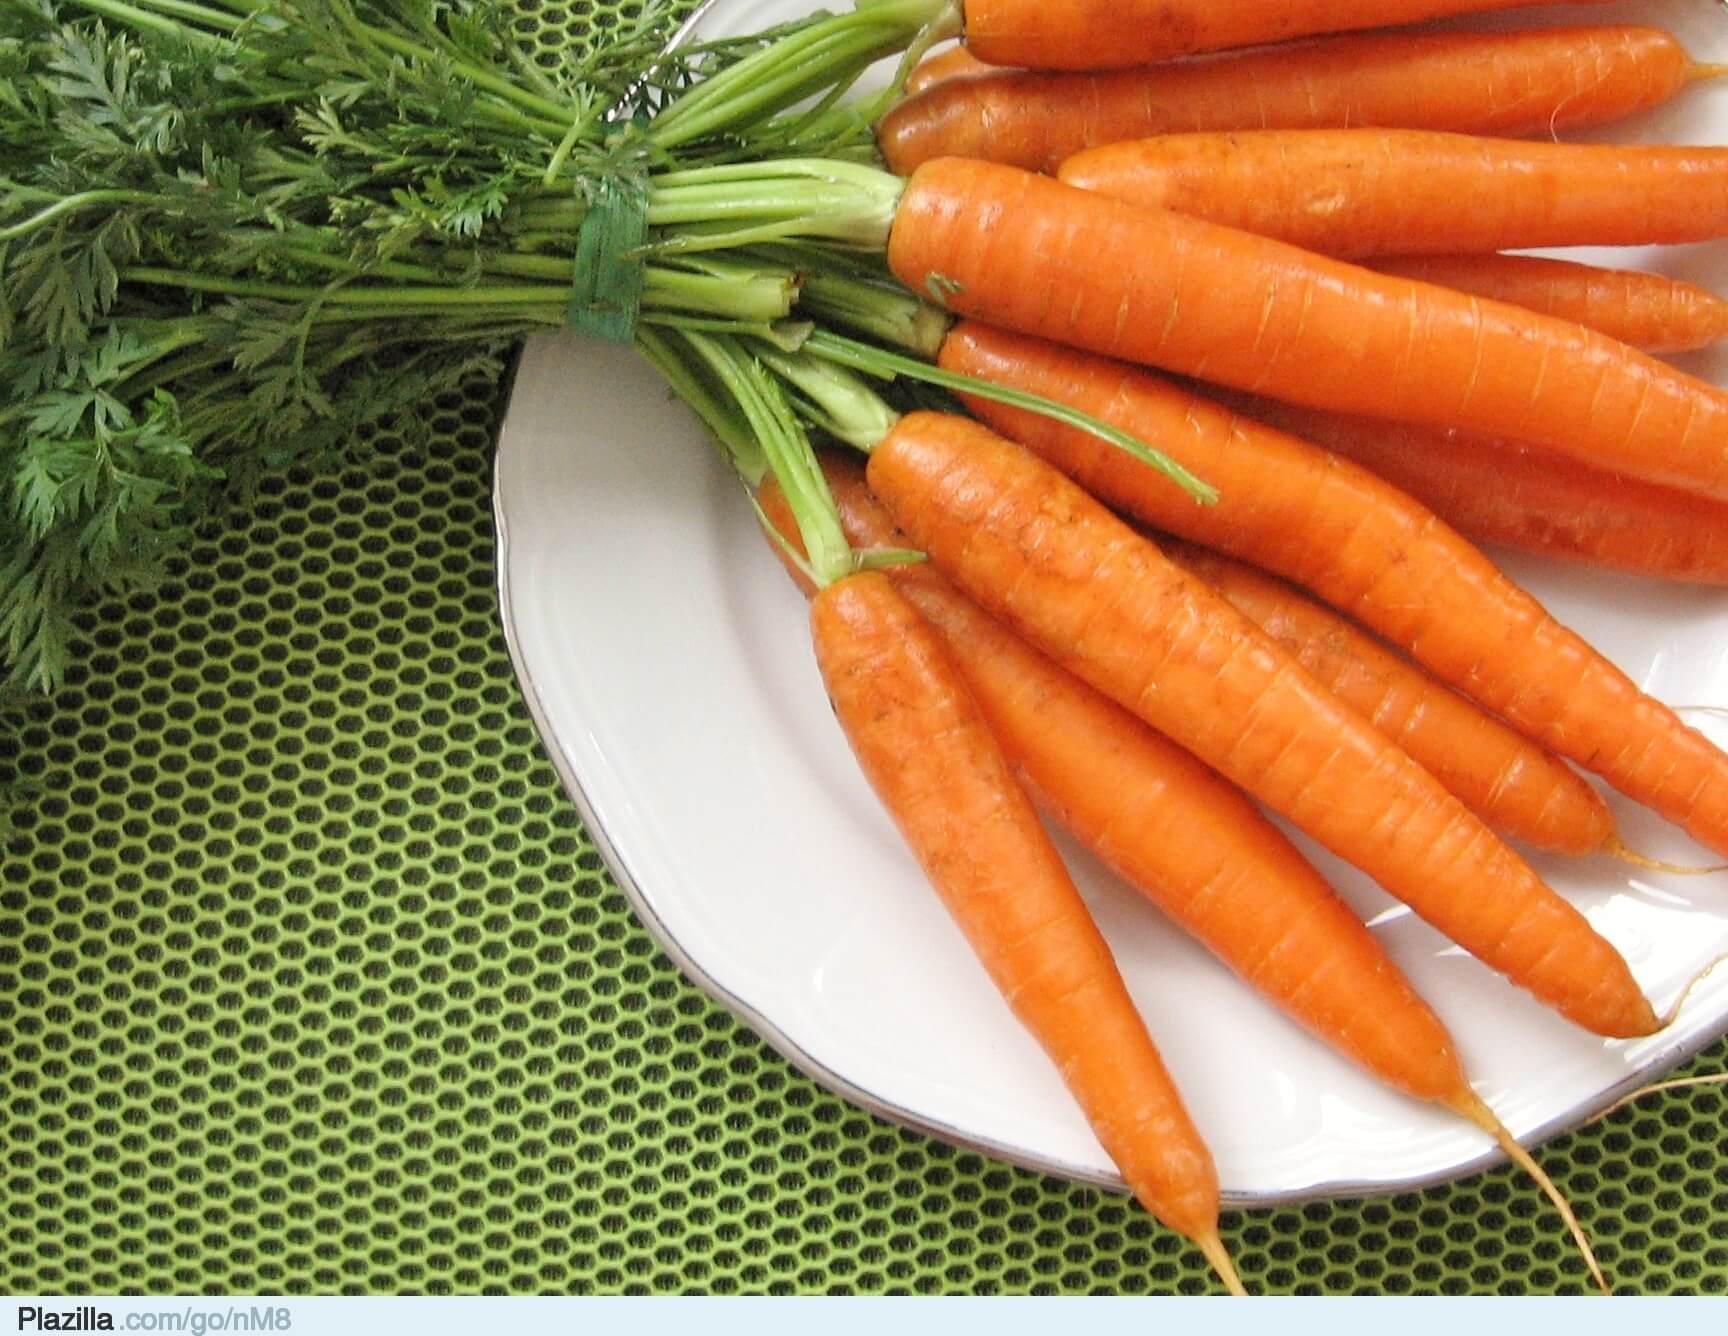 Daftar-Makanan-Sumber-Vitamin-C-Terbaik